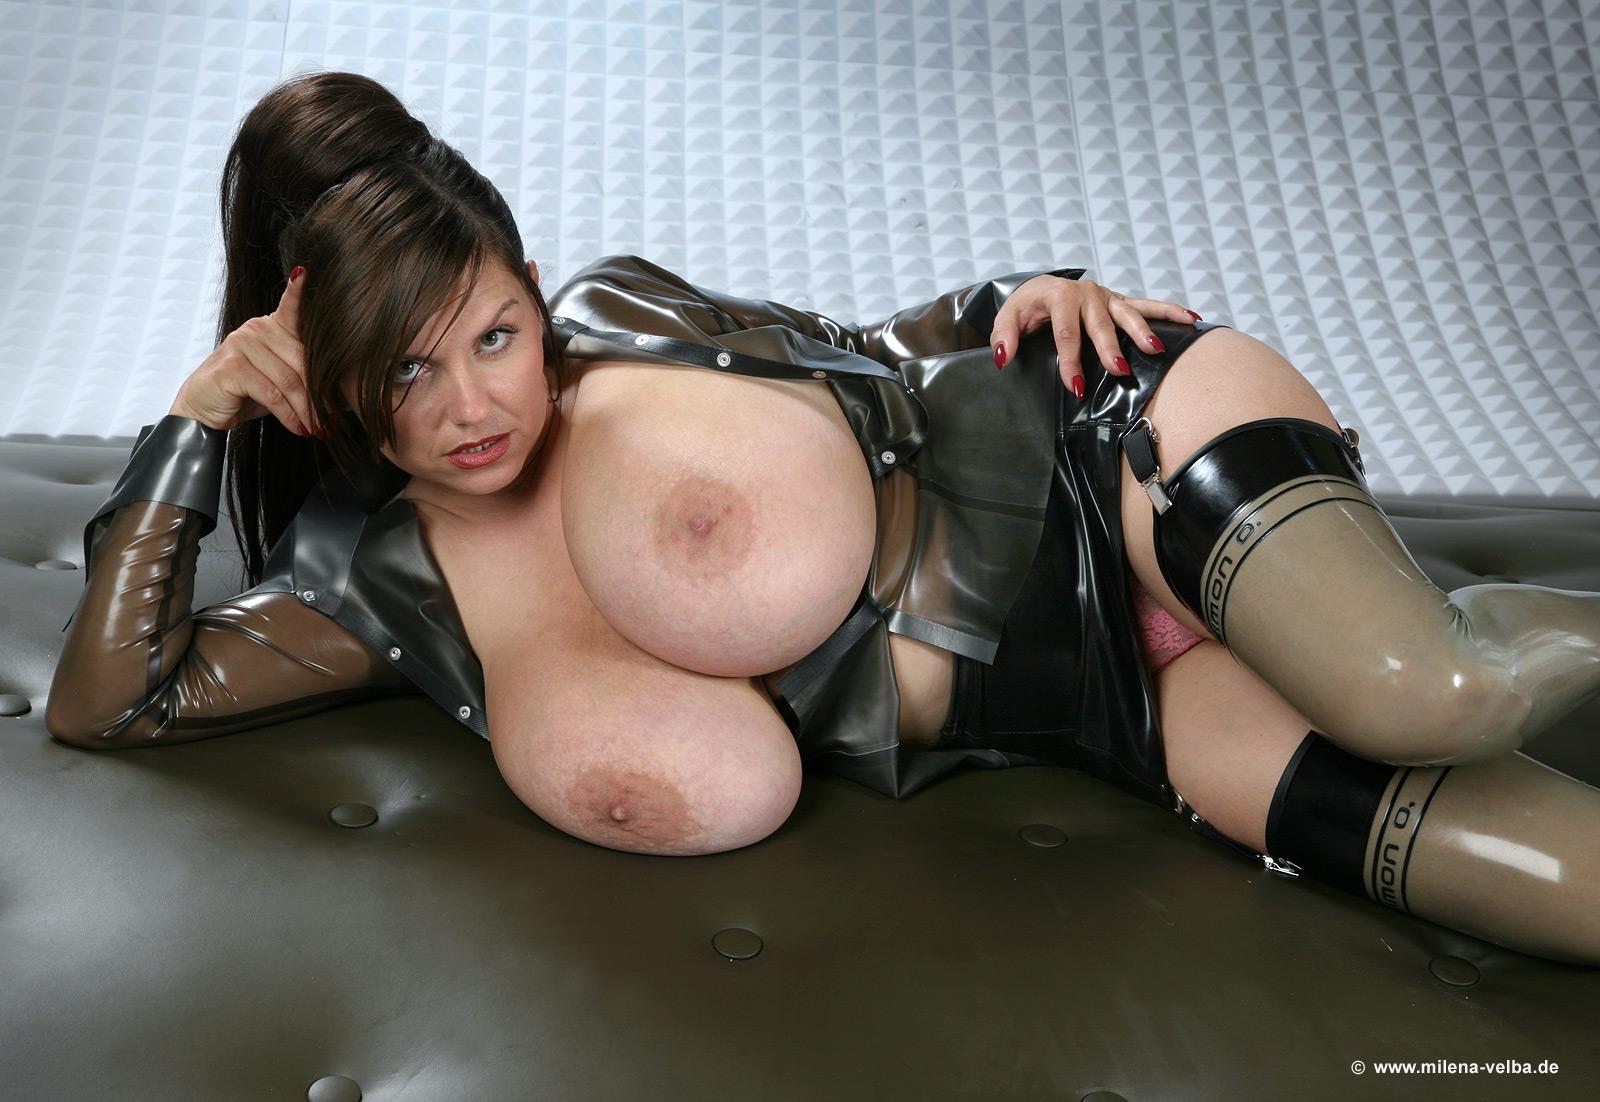 Фото сисек в германии, Голые немки. Секс и порно с немецкими девушками 2 фотография